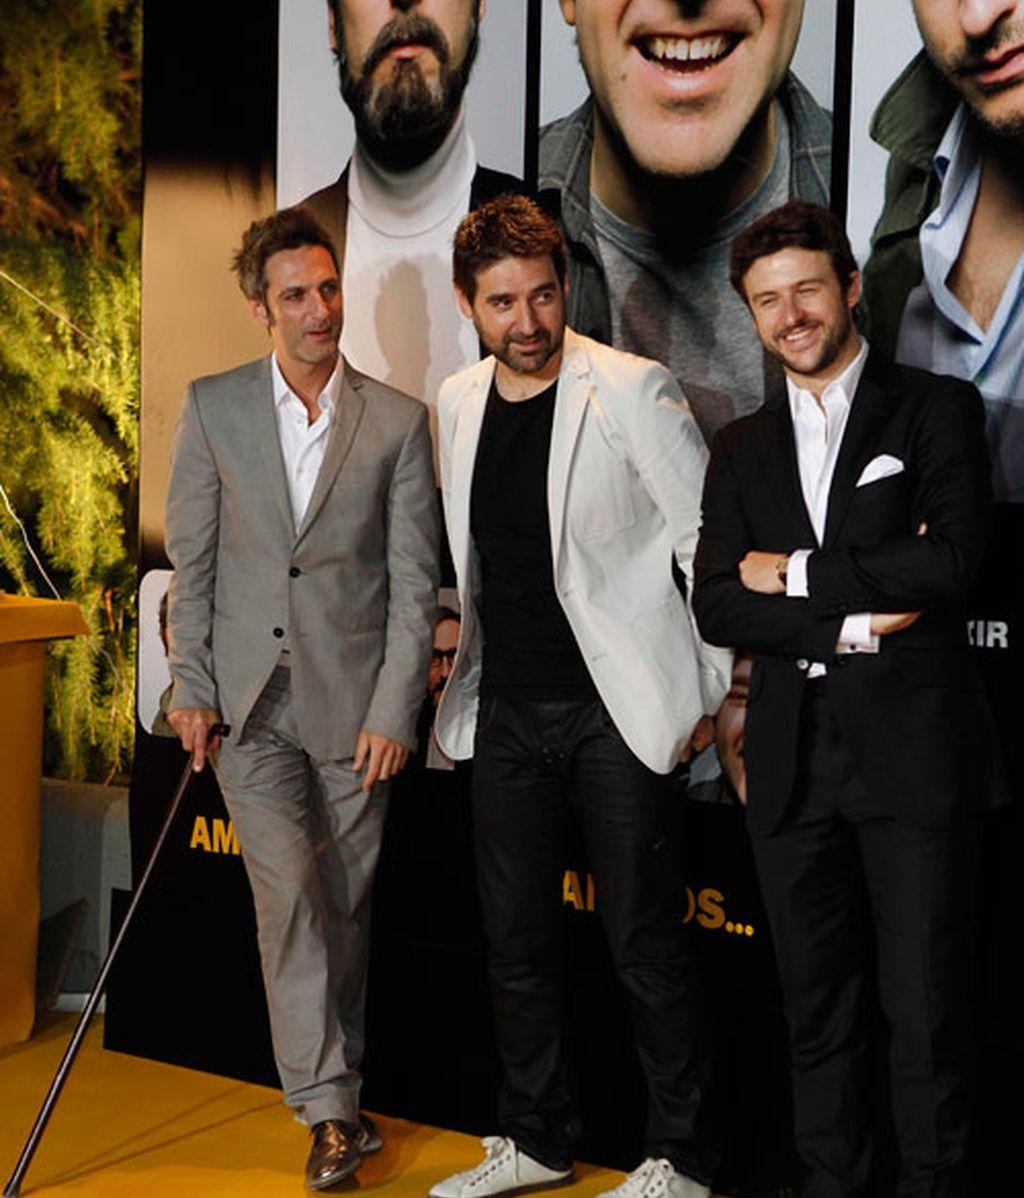 Los protas de 'Amigos', rodeados de colegas y familiares en la premiere de la película